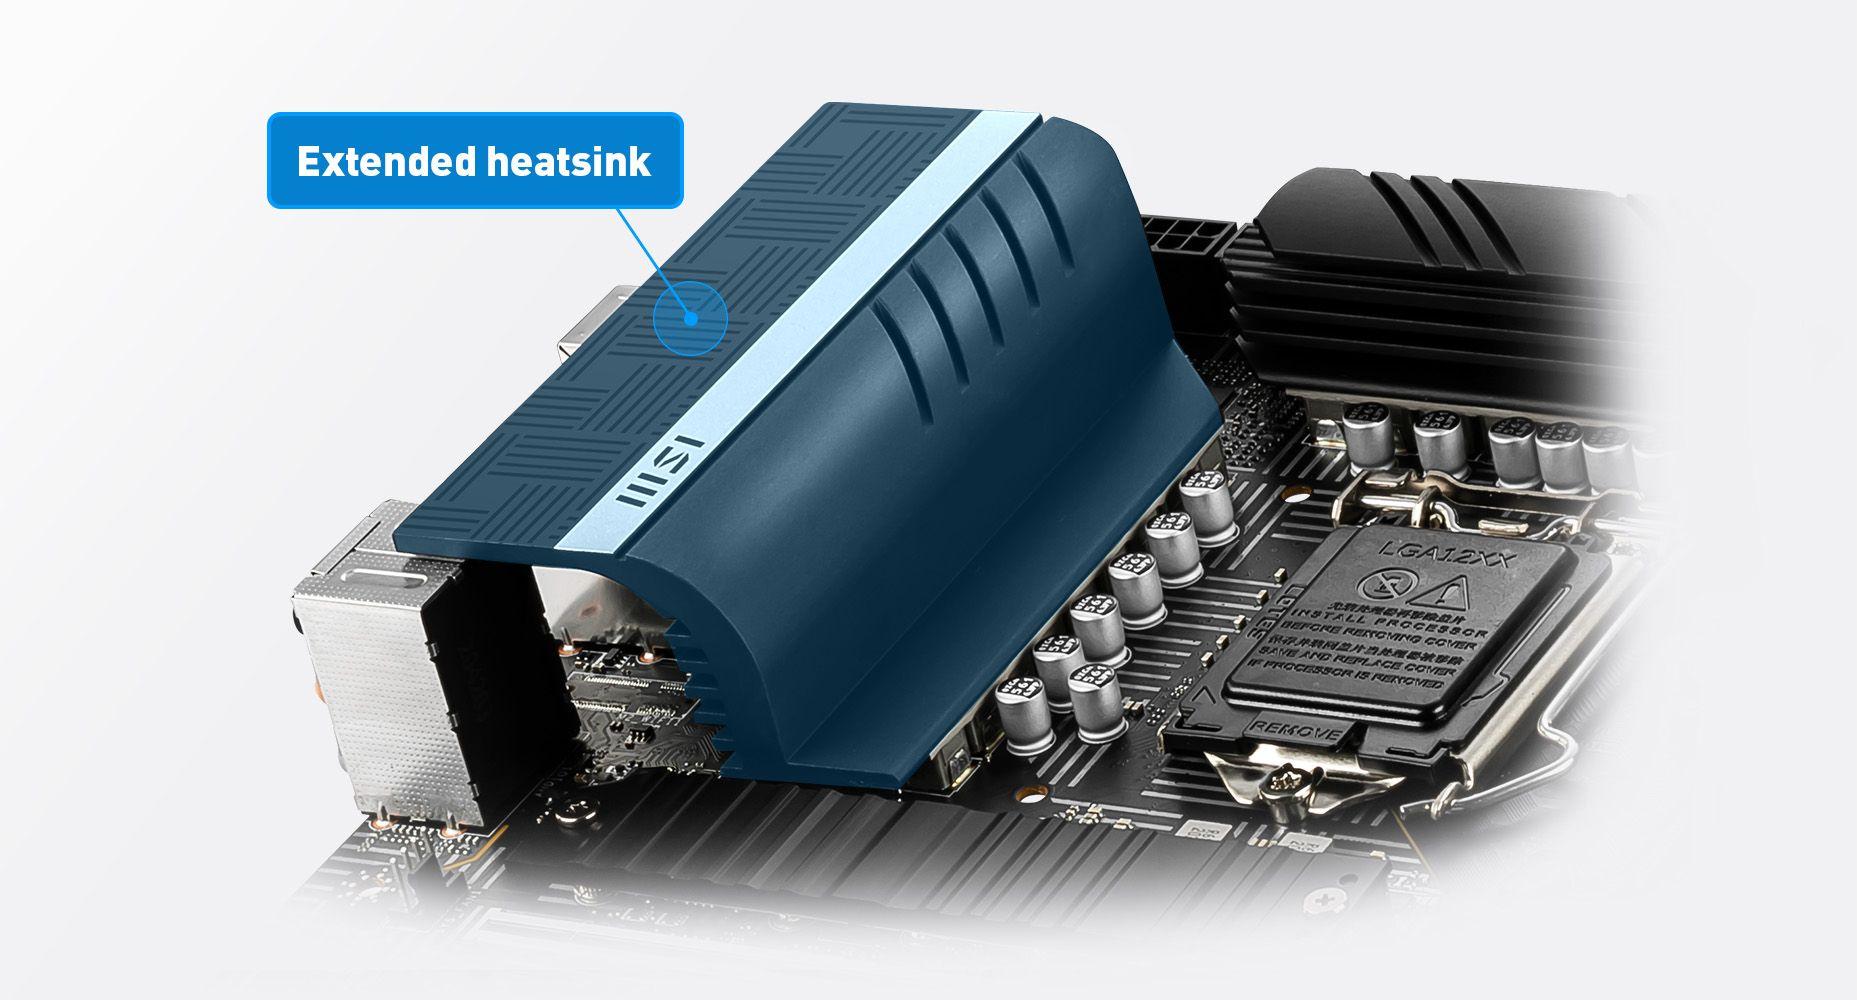 MSI Z590-A PRO EXTENDED HEATSINK